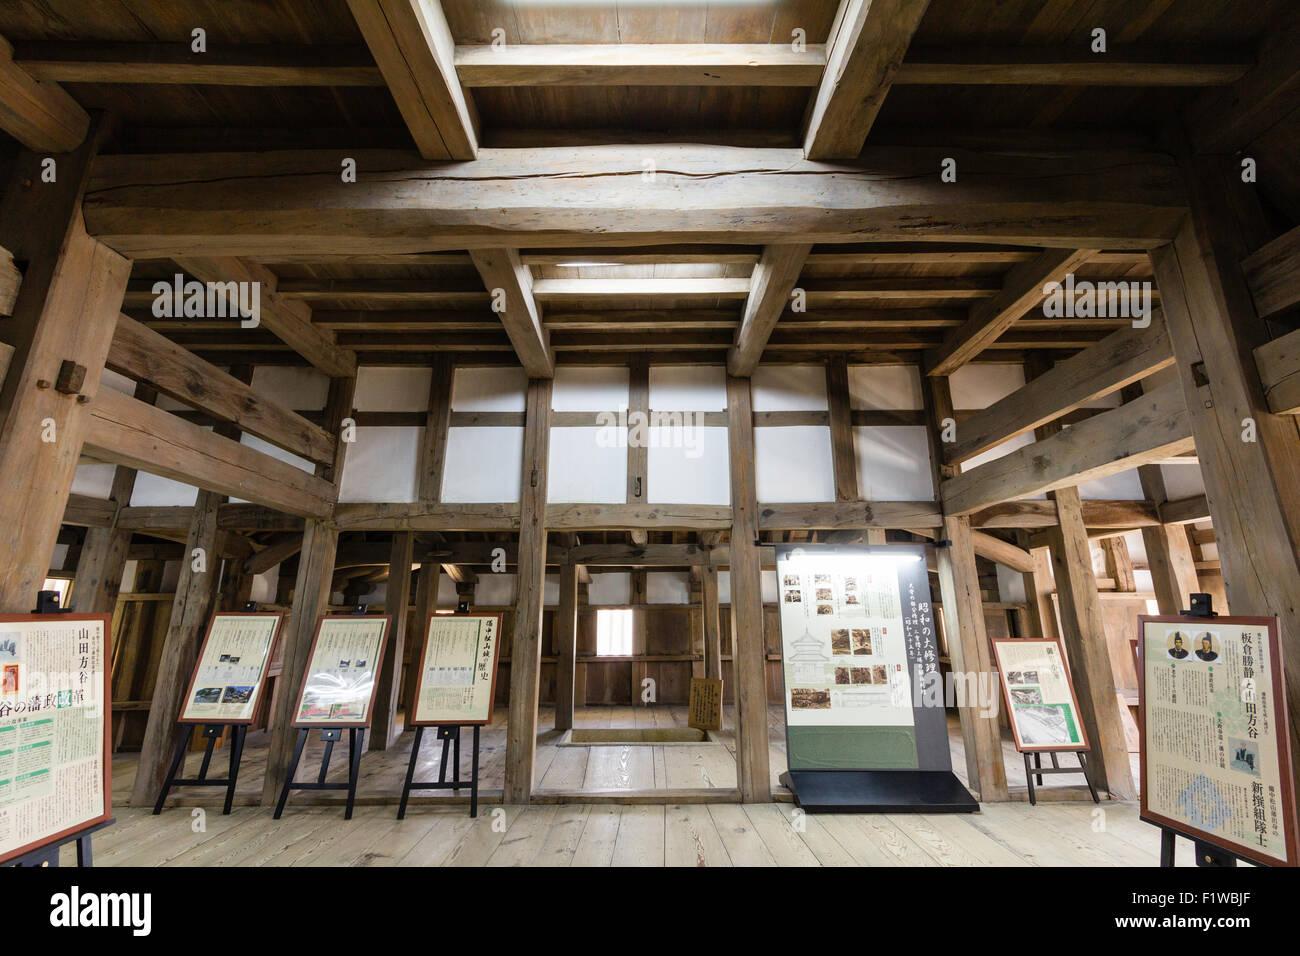 Japan Takahashi Bitchu Matsuyama Castle Interior Of The